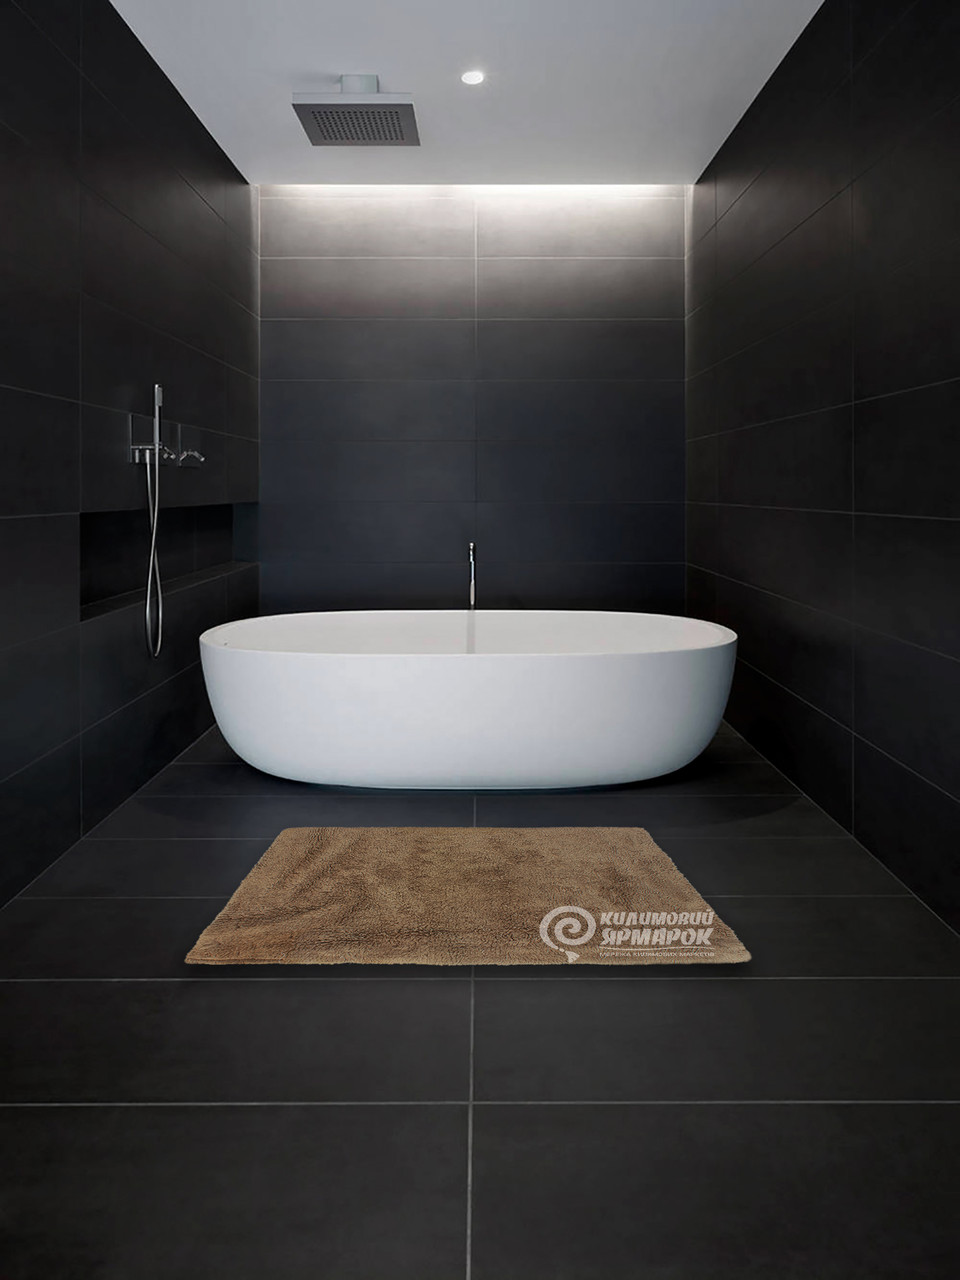 Ковер для ванной комнаты 16286A BATH MAT